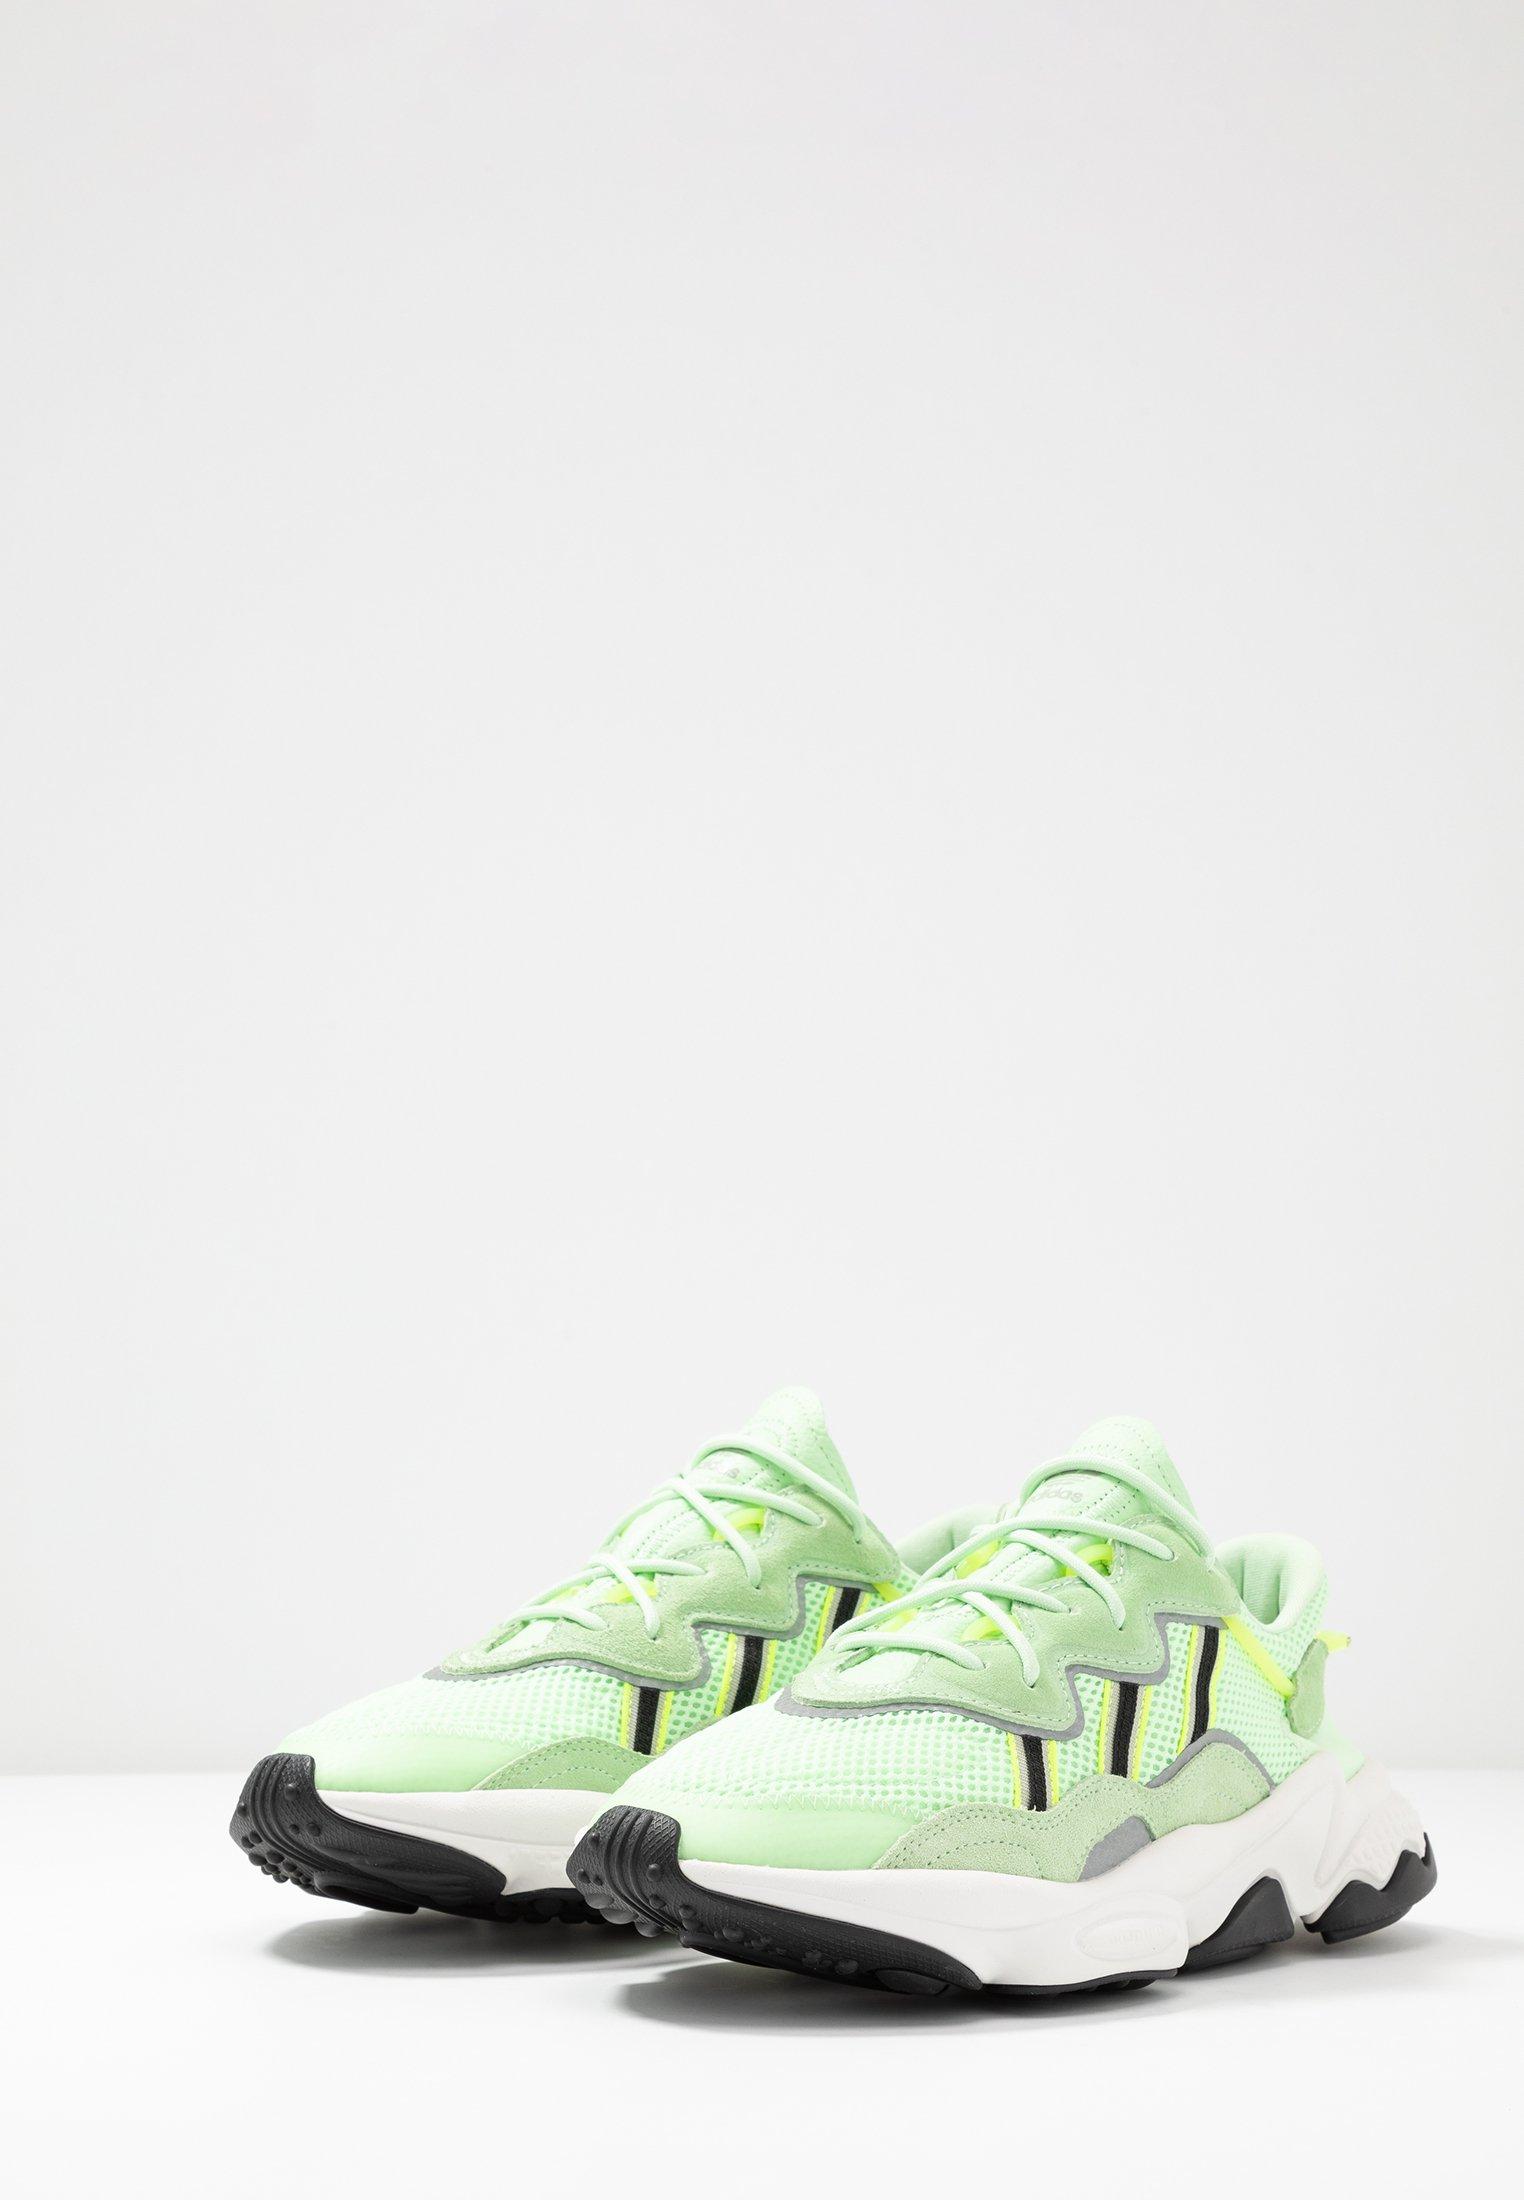 adidas basket ozweego